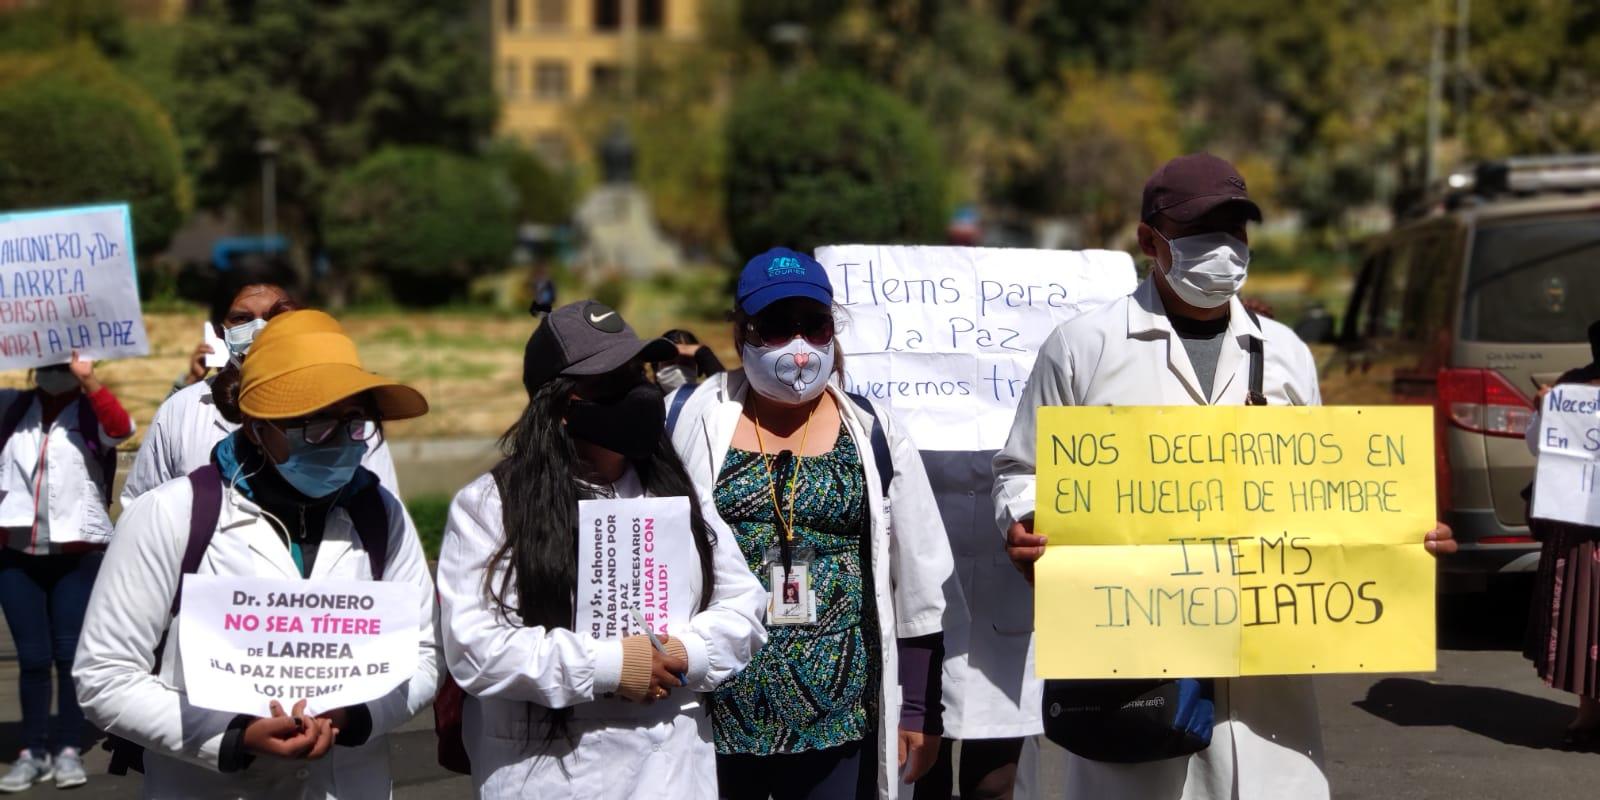 El Sirmes anuncia huelga de hambre por 310 ítems de salud para La Paz - La  Razón | Noticias de Bolivia y el Mundo